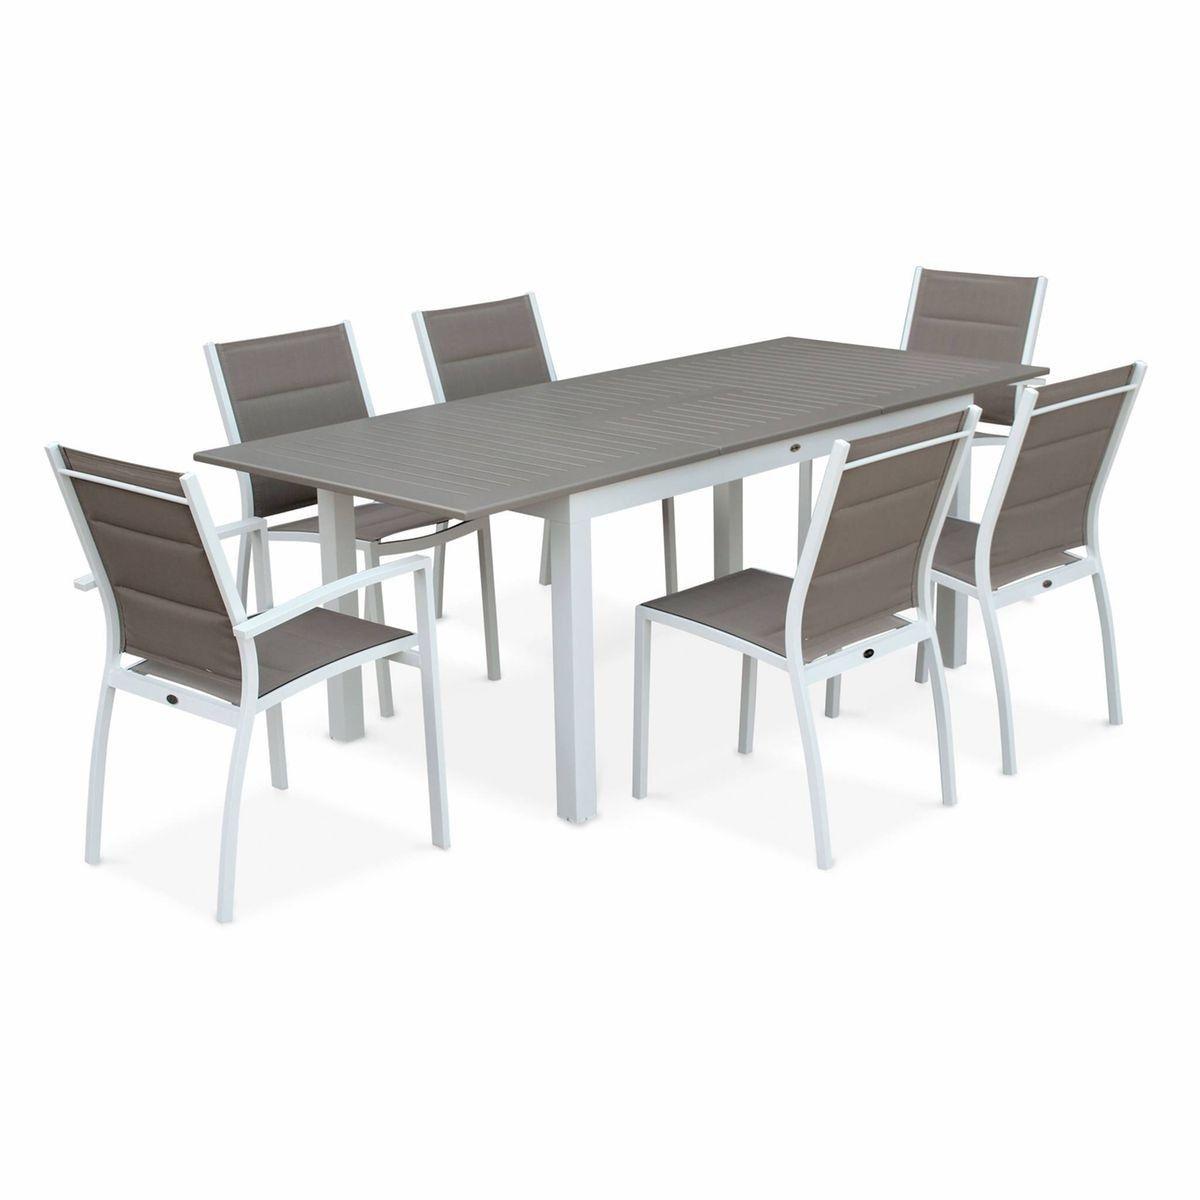 Salon De Jardin Table Extensible - Chicago 210 - Table En ... concernant Salon De Jardin Avec Rallonge